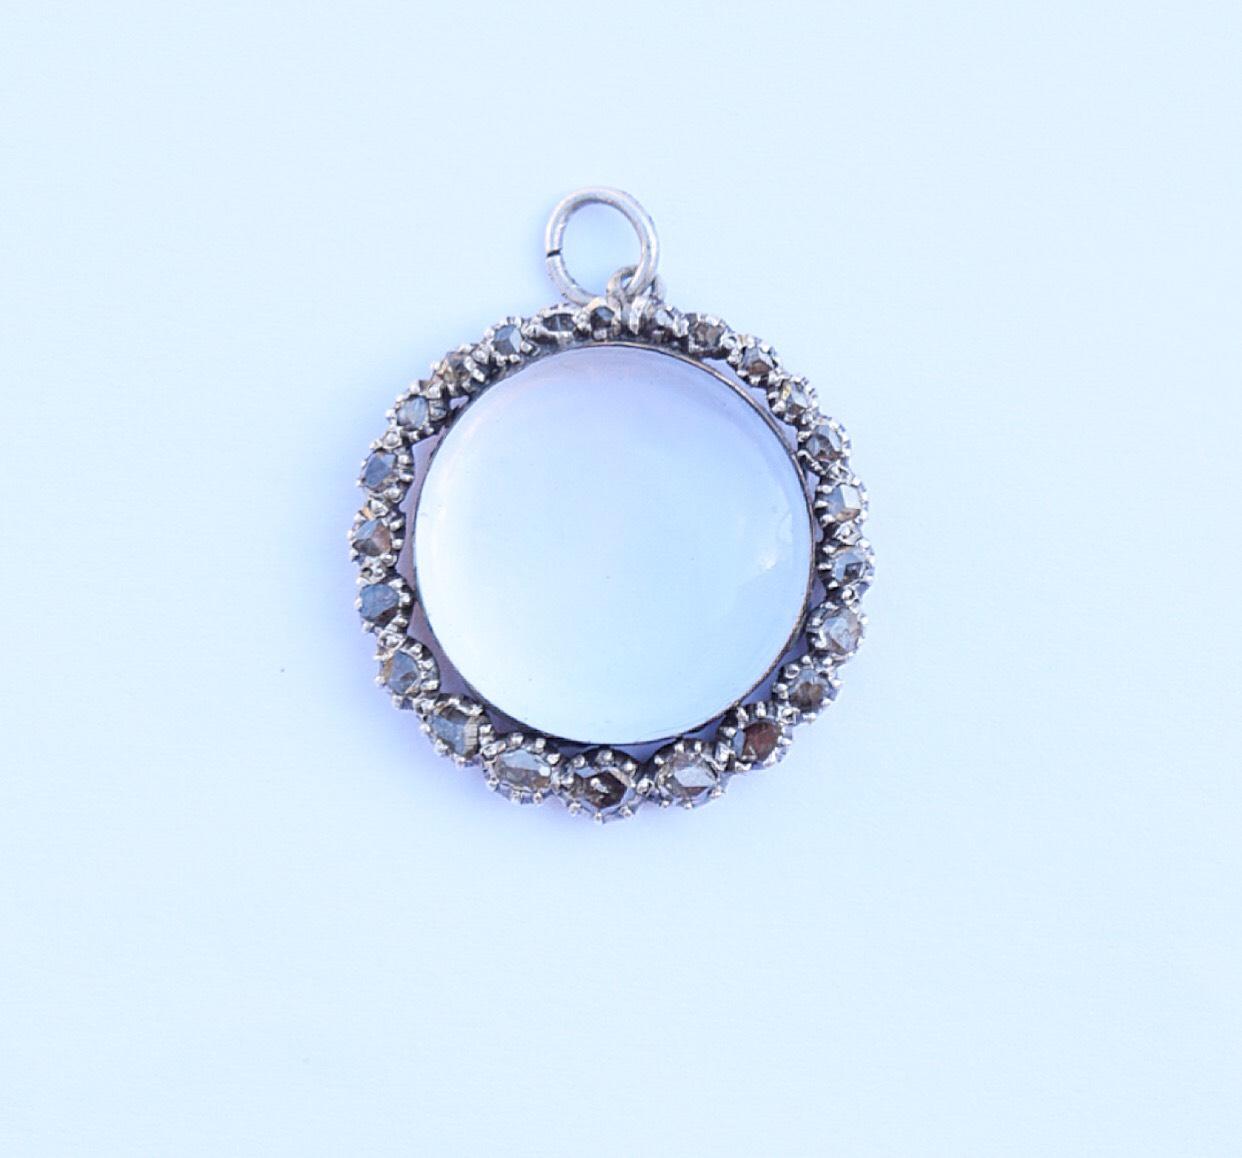 תליון לוקט ג'ורגיאני עם אבן rock crystal ויהלומים בשיבוץ foil